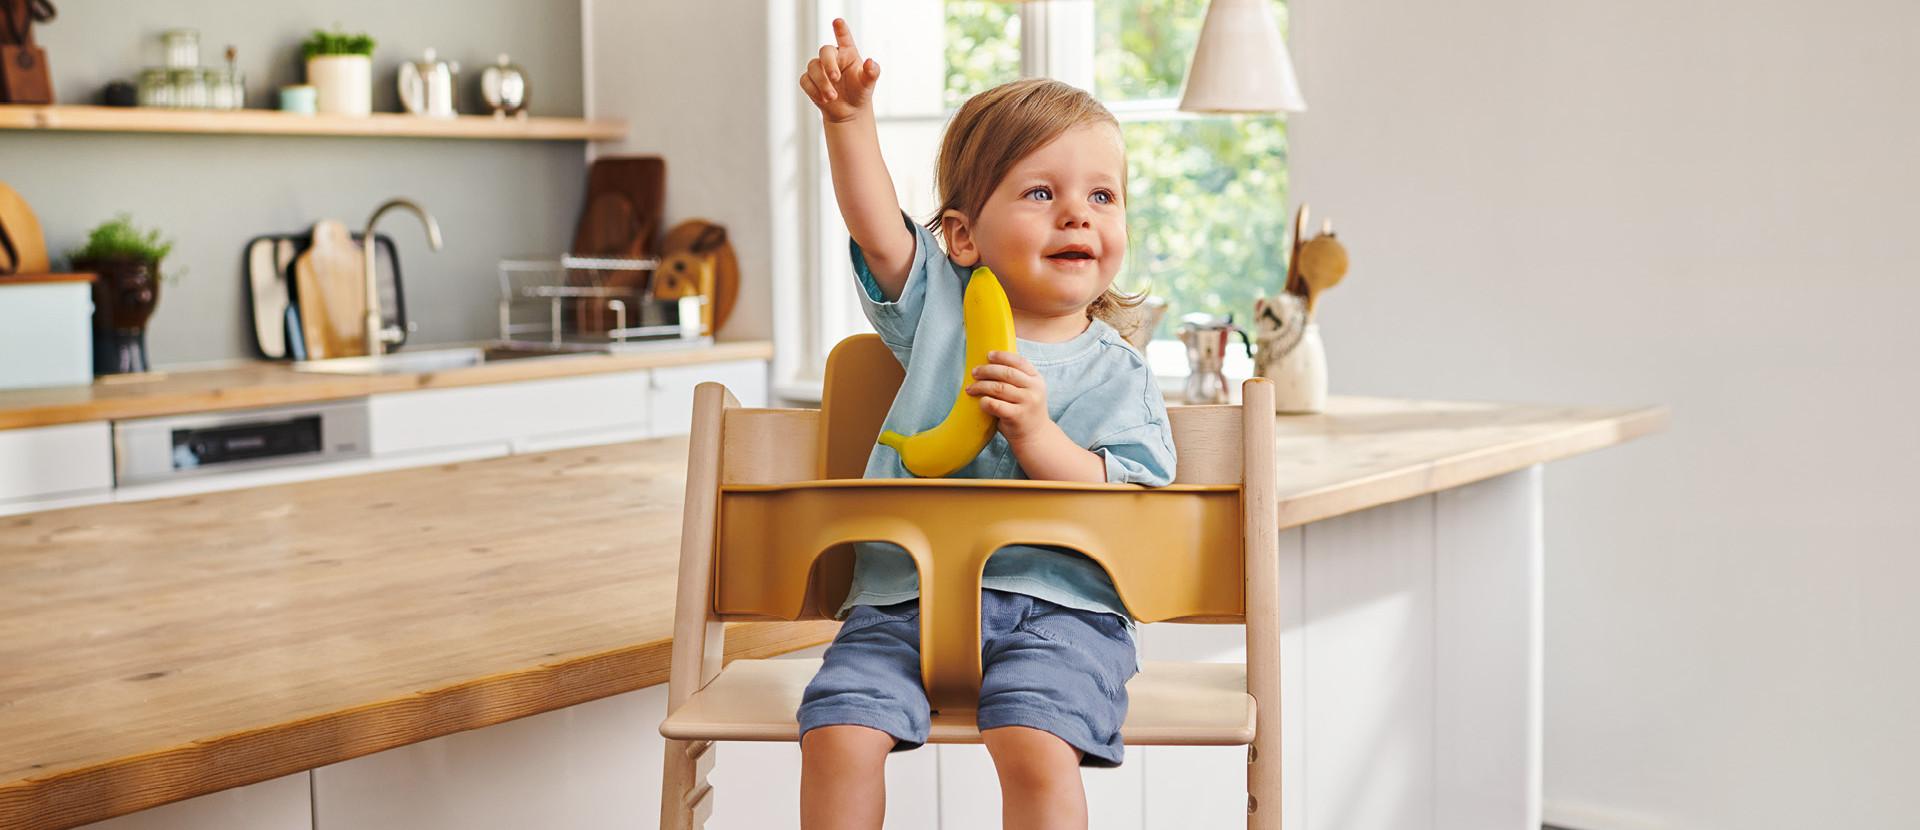 kleines Mädchen sitzt Banane in einem Hochstuhl